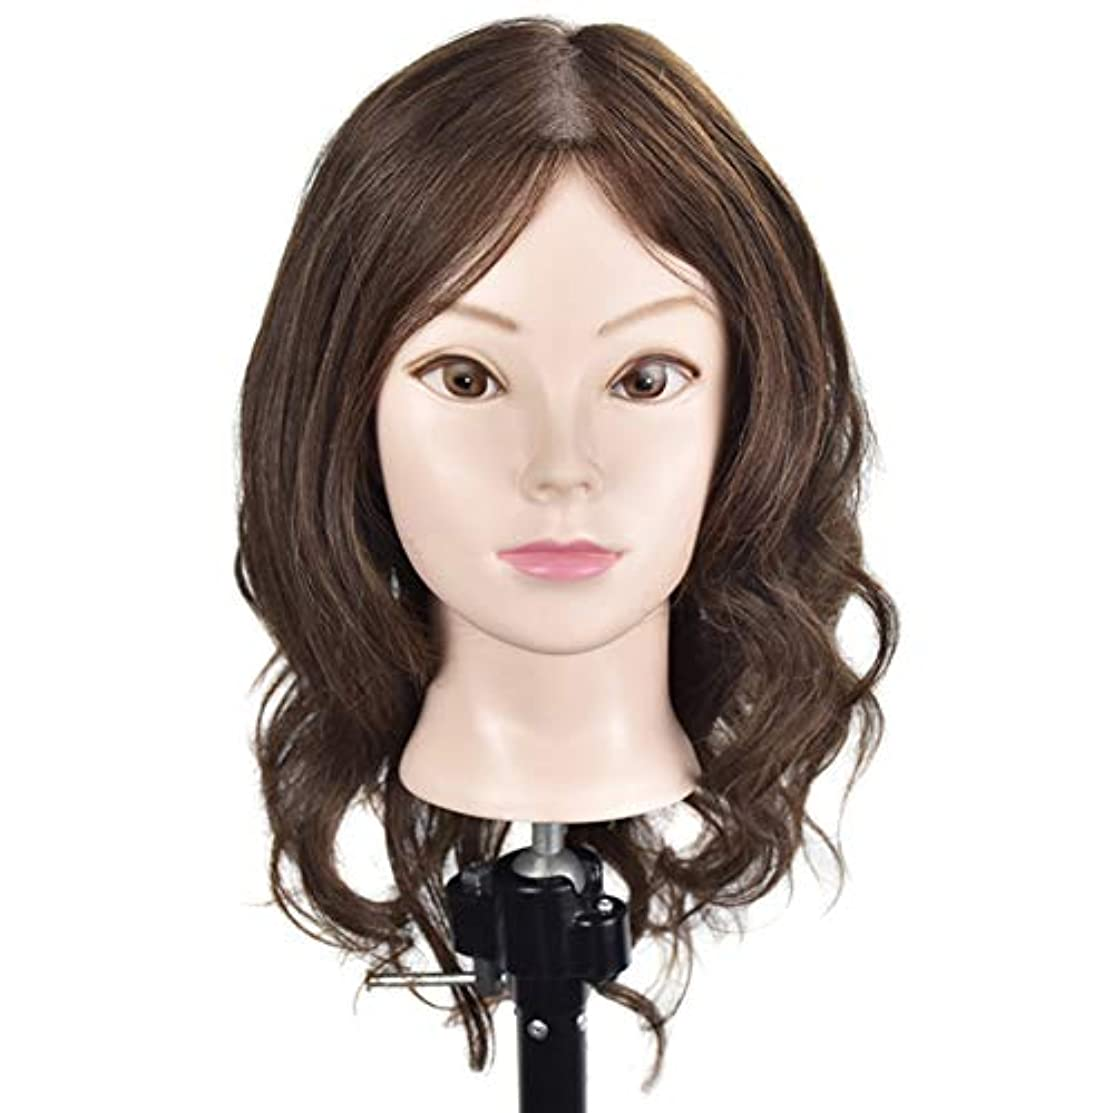 サバント民間乗り出す専門の練習ホット染色漂白はさみモデリングマネキン髪編組髪かつら女性モデルティーチングヘッド